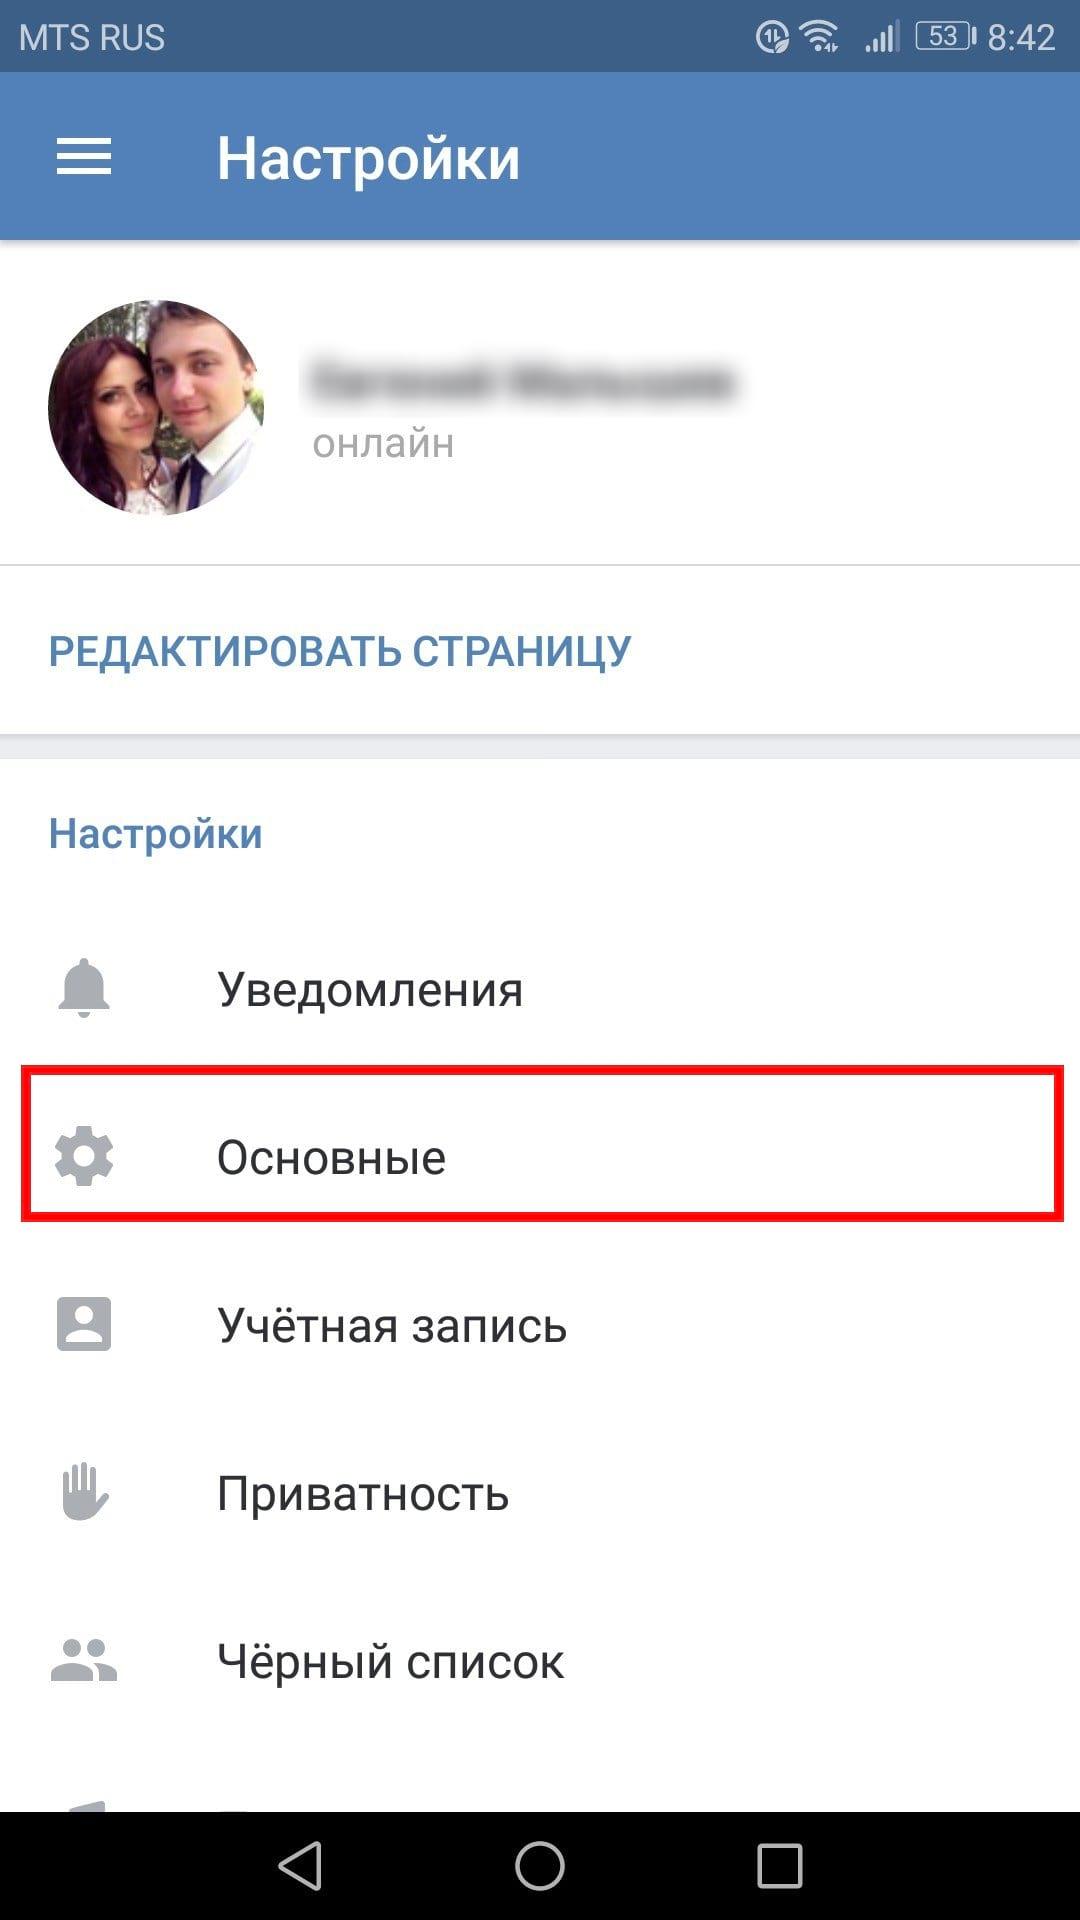 подарок притаился не вопроизводится видео в приложении вконтакте можете посмотреть